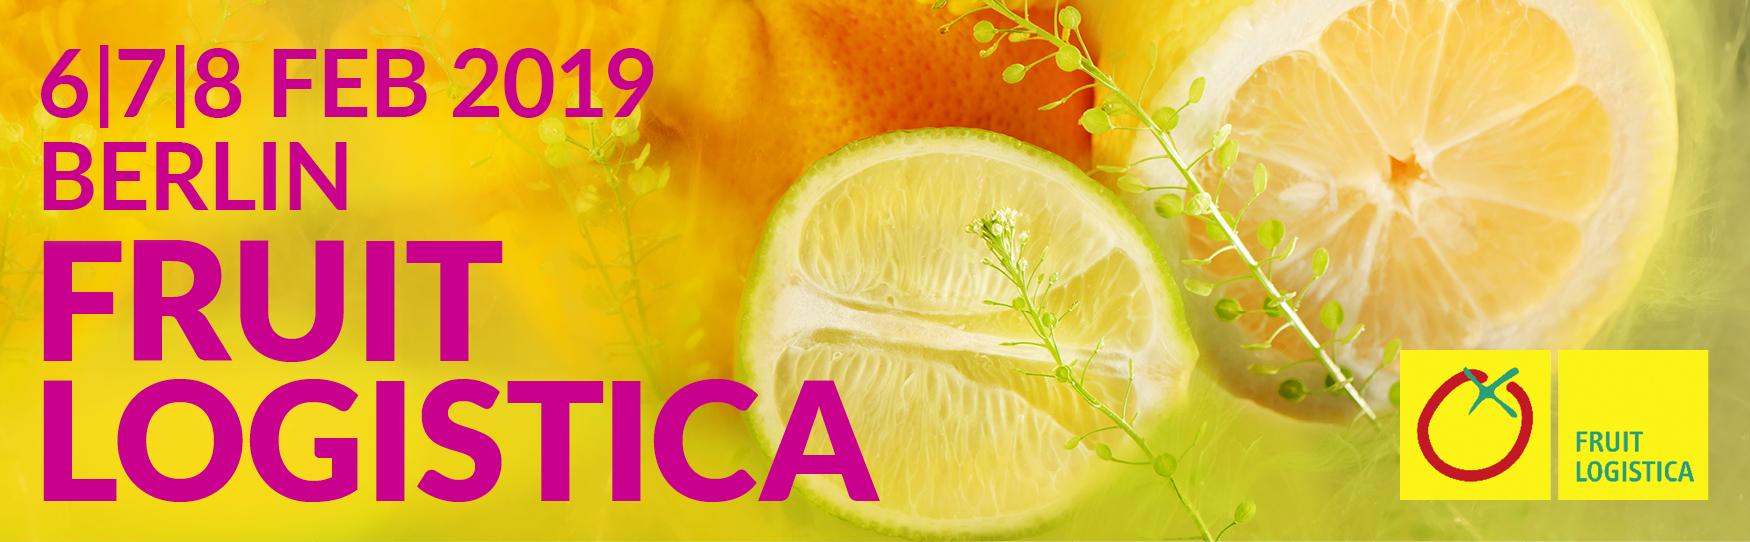 beurs beurzen fruit logistica fruitlogistica 2019 berlin berlijn logo